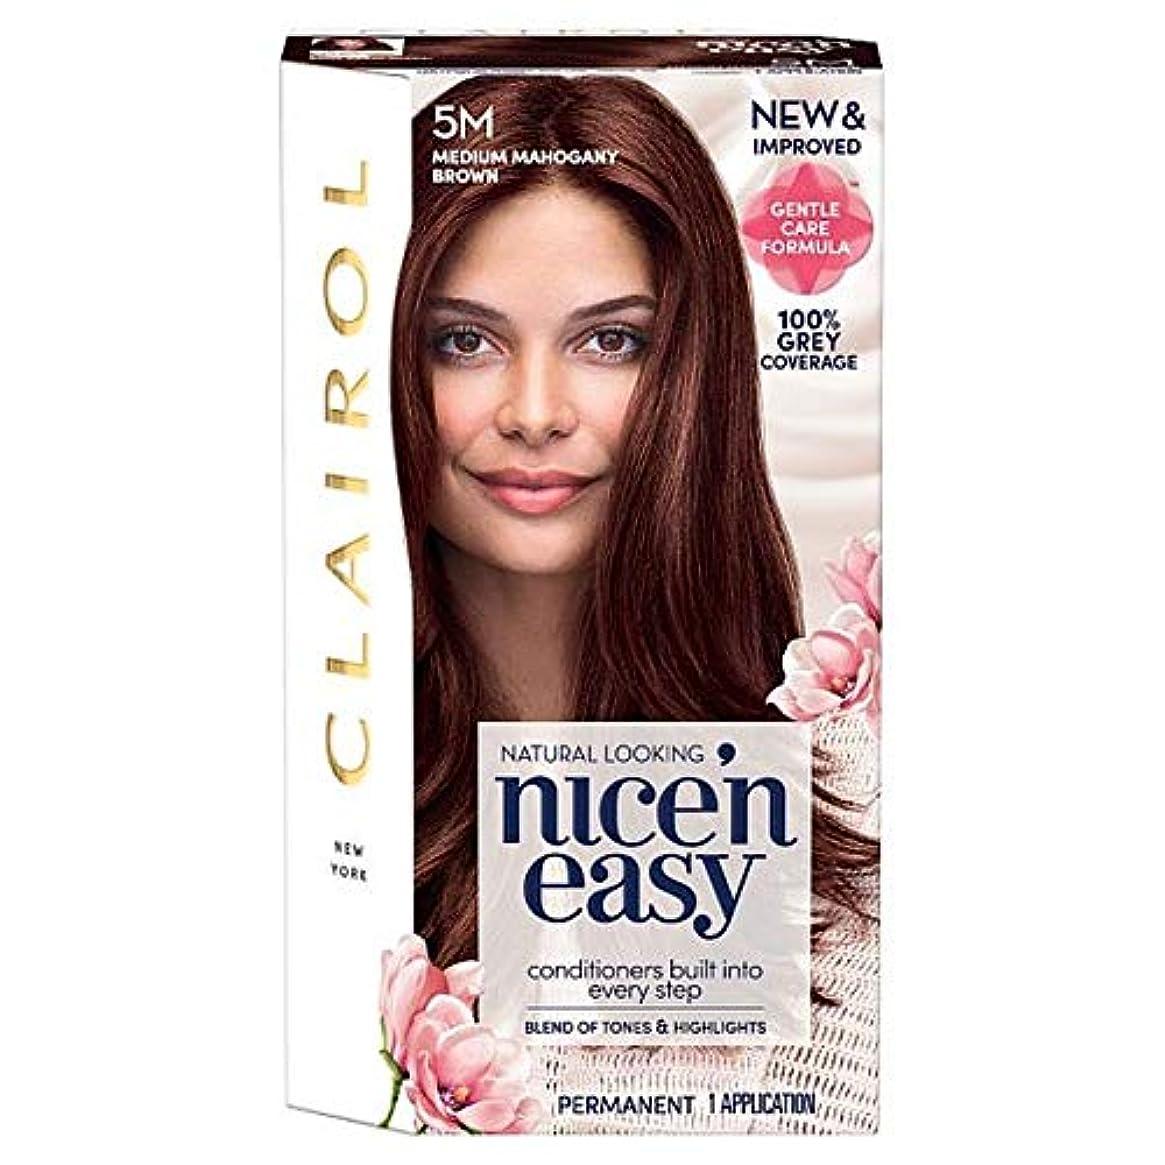 プロペラしないでくださいマウンド[Nice'n Easy] クレイロール素敵な「N簡単にメディアマホガニーブラウンの5メートルの染毛剤 - Clairol Nice 'N Easy Medium Mahogany Brown 5M Hair Dye [...